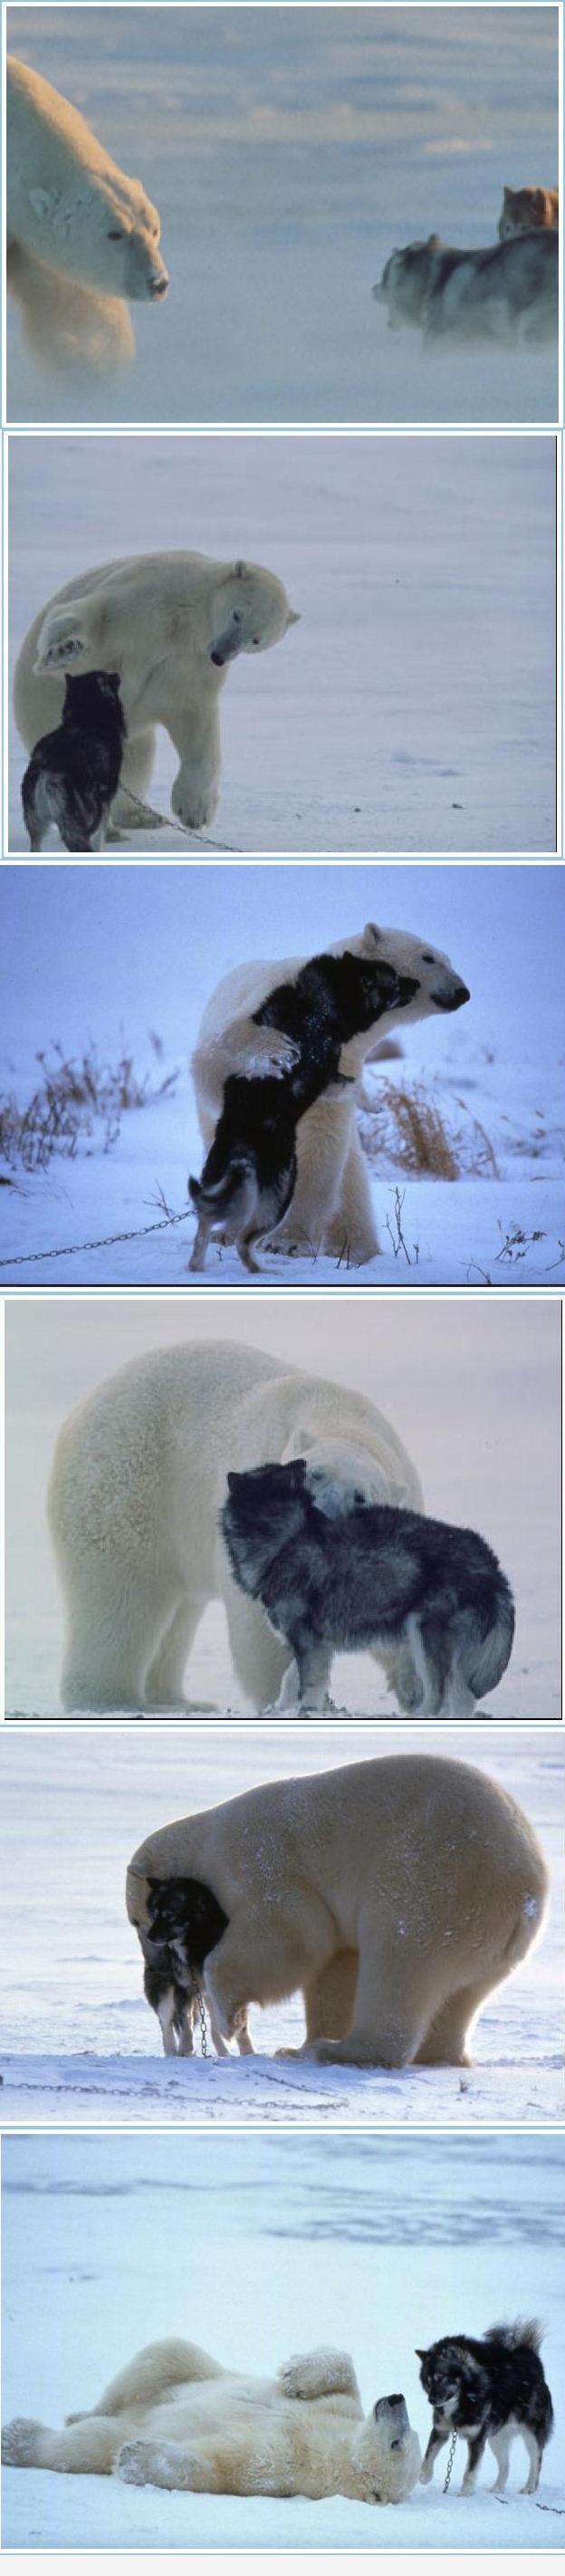 ours avec un husky Ours_h11